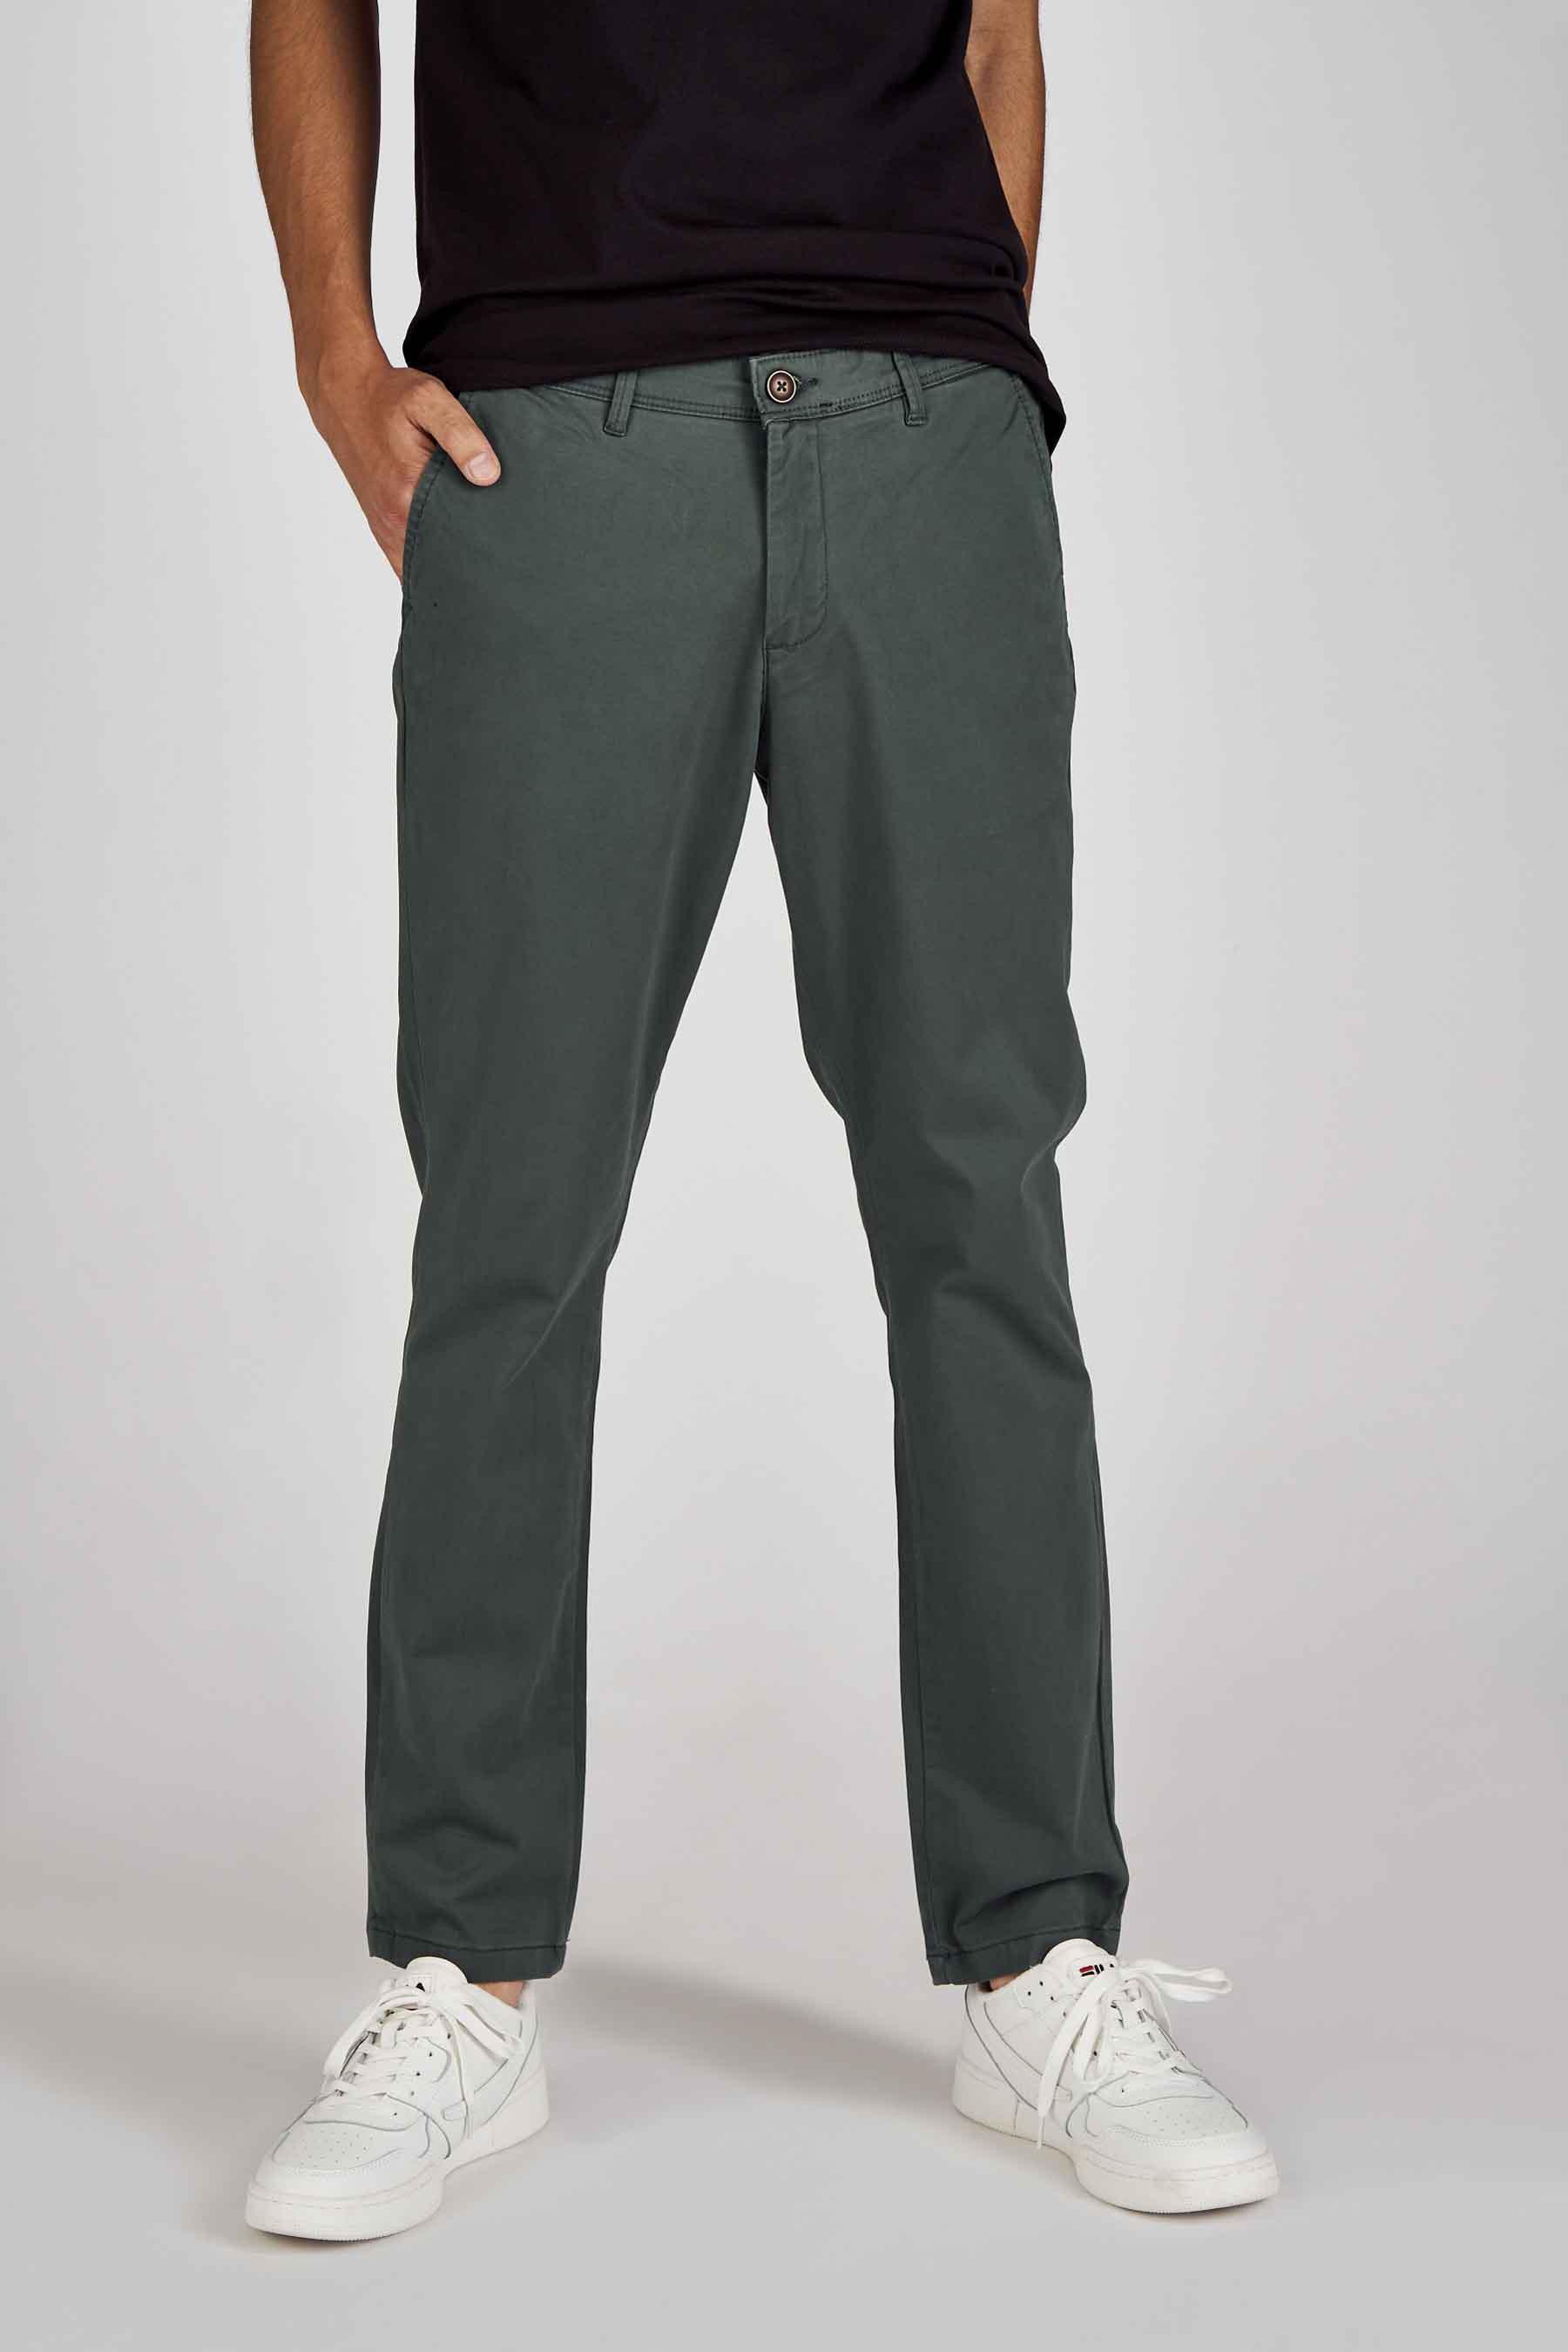 Jack & Jones Jeans Intelligenc Chino, Groen, Heren, Maat: 27x32/28x32/29x32/29x3